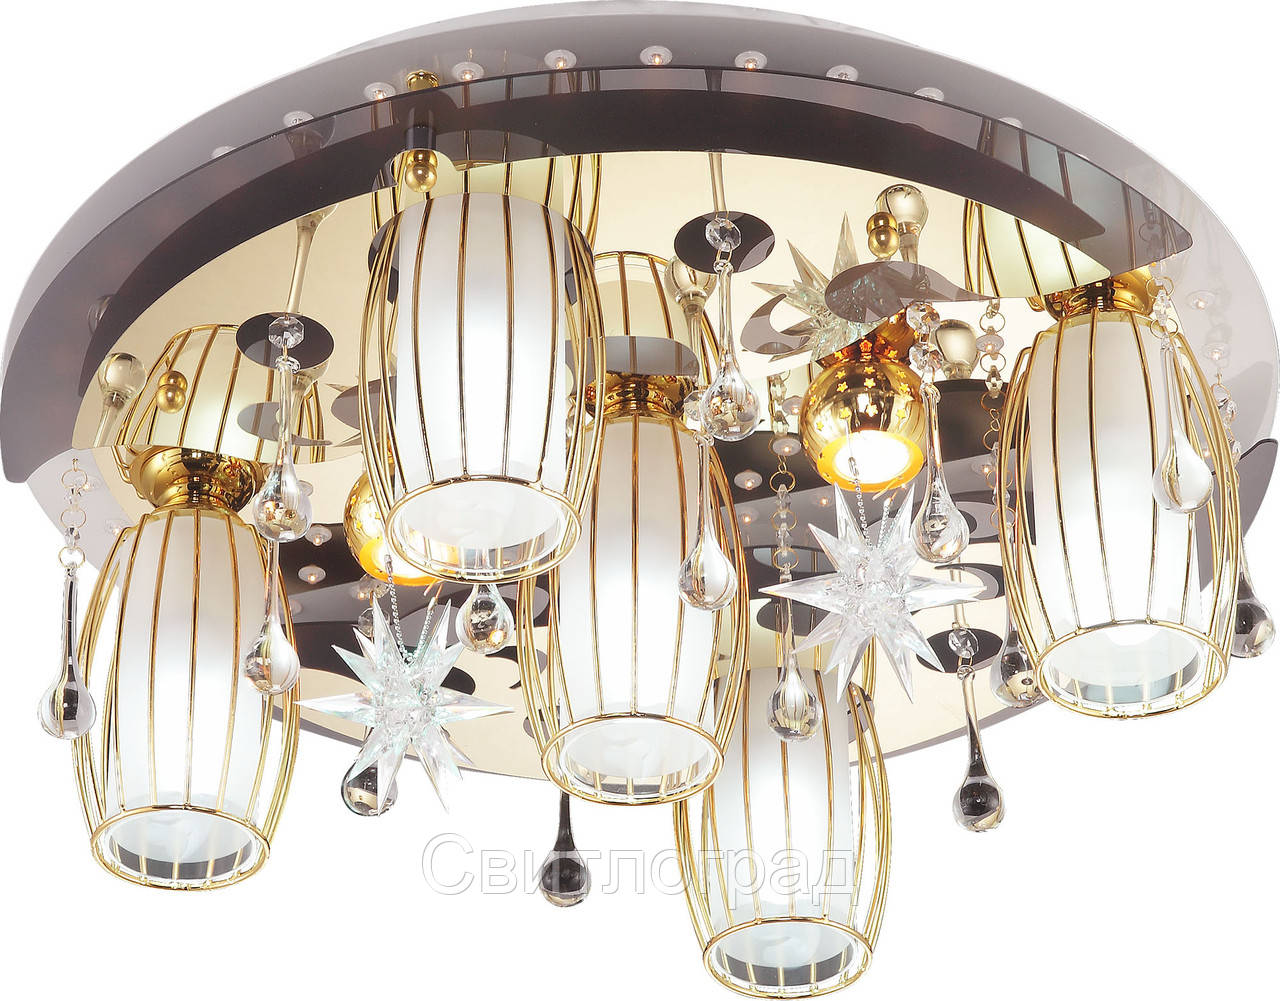 Светильник Потолочный с Led Подсветкой  с Плафонами  Altalusse LV218-07 White & Gold